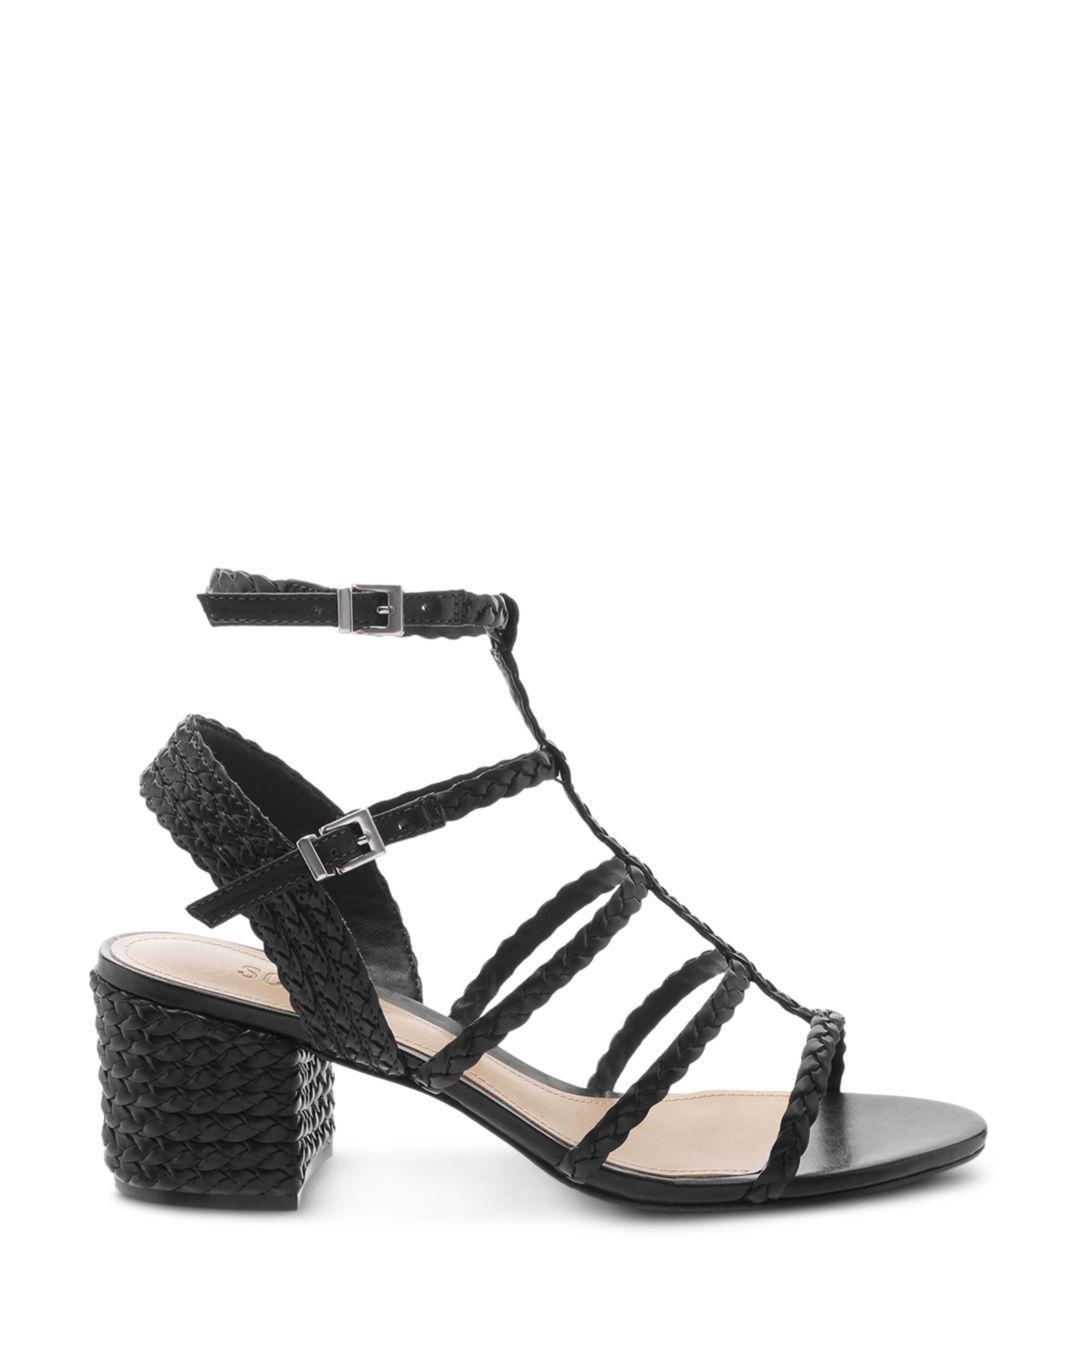 15eda3a70 Schutz Women s Rosalia Strappy Block-heel Sandals in Black - Save 46% - Lyst